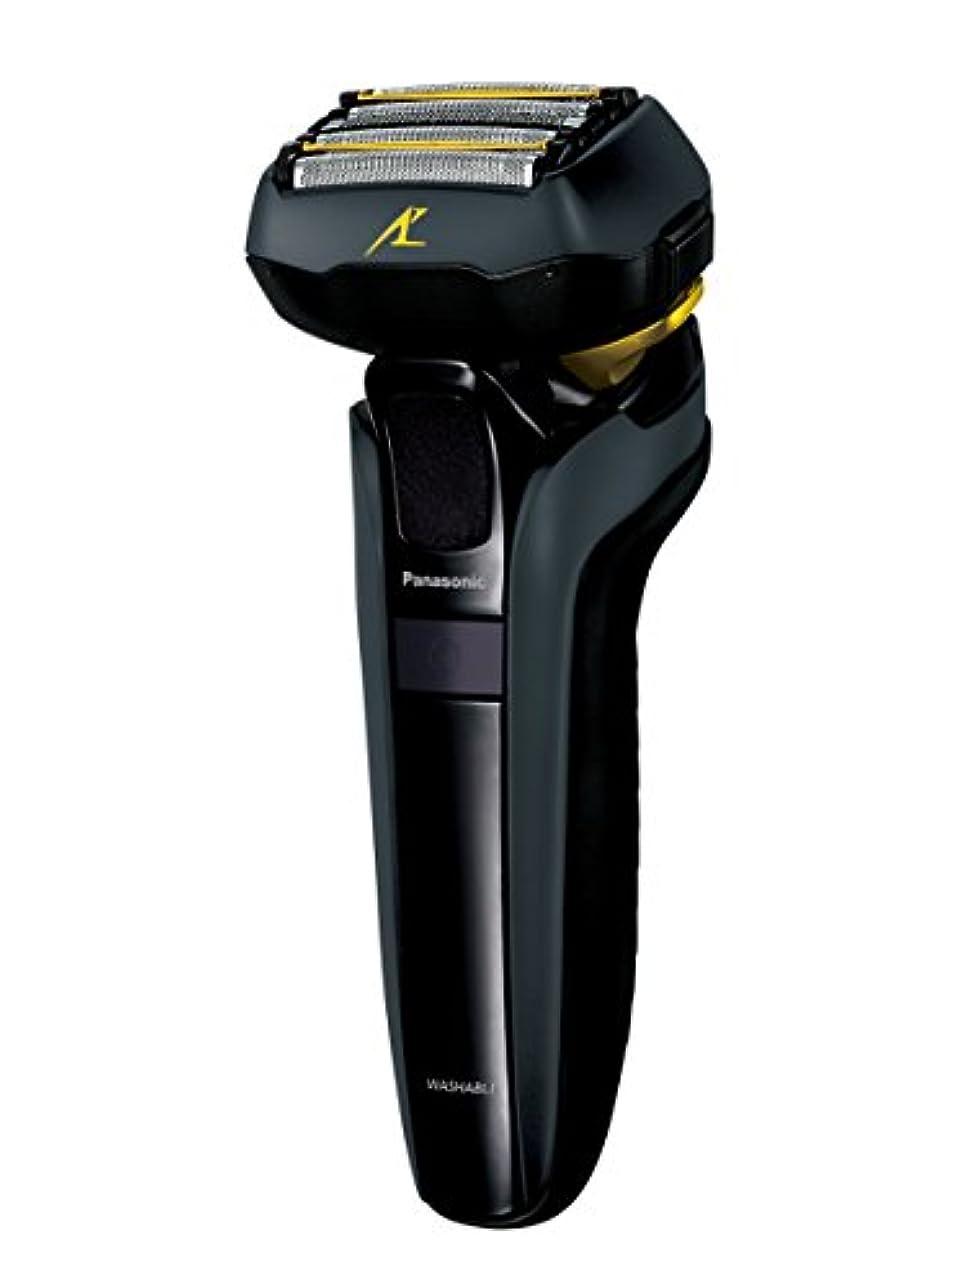 パナソニック ラムダッシュ メンズシェーバー 5枚刃 黒 ES-LV5D-K